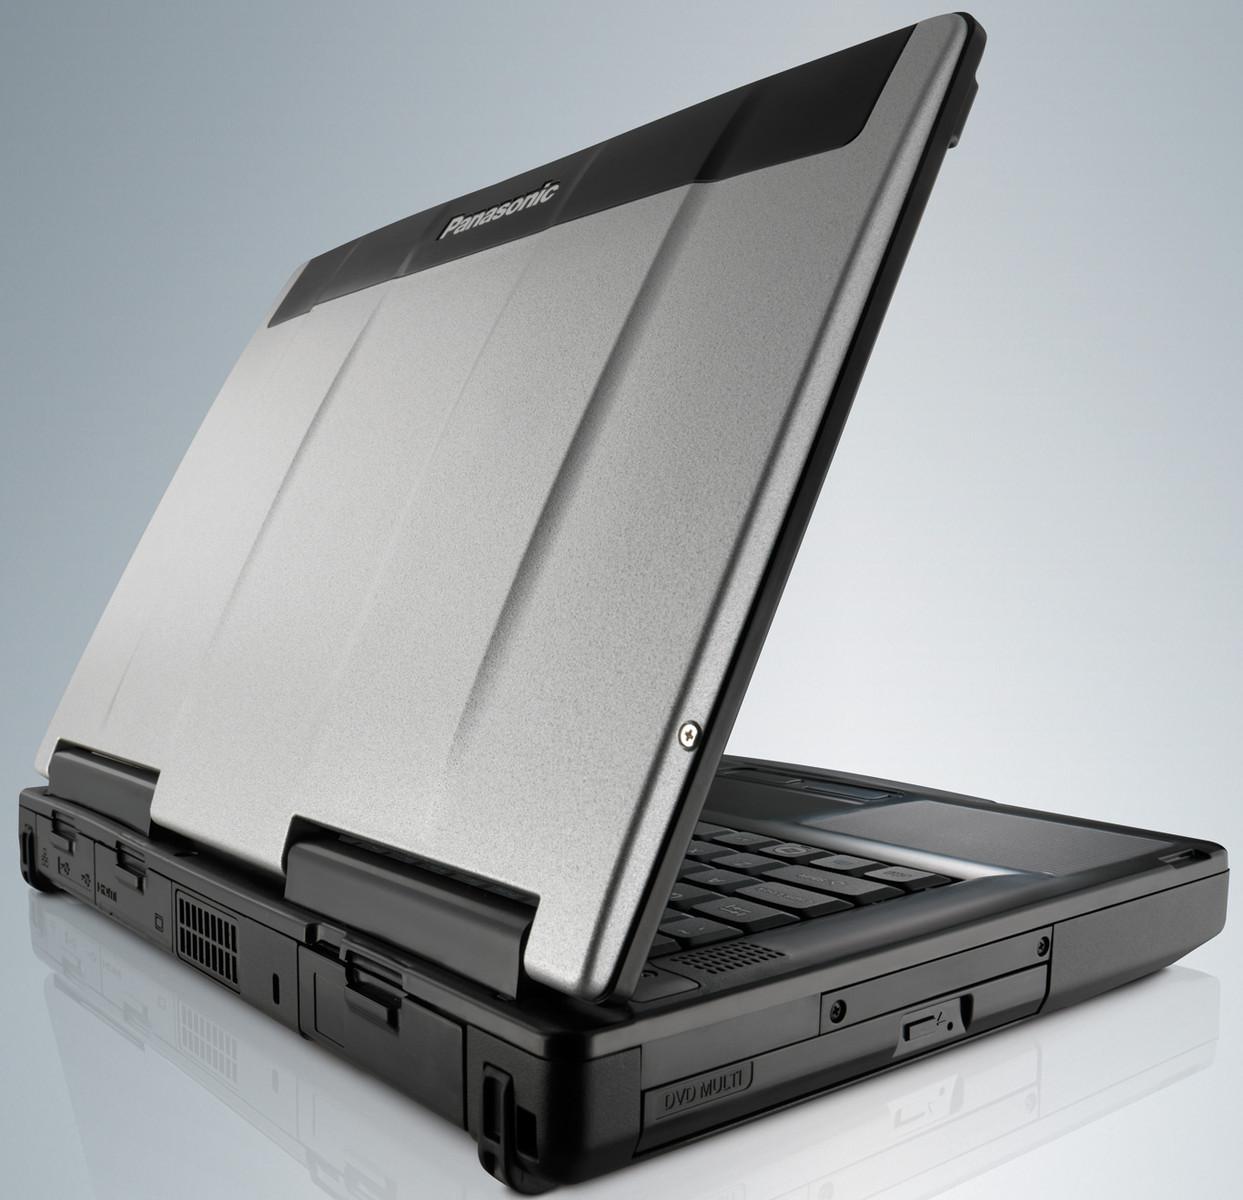 Laptop cổng COM RS232,  Toughbook CF-19,  CF-31, CF-53, Getac B300, Itronix GD6000, GD8000, GD8200 - 31